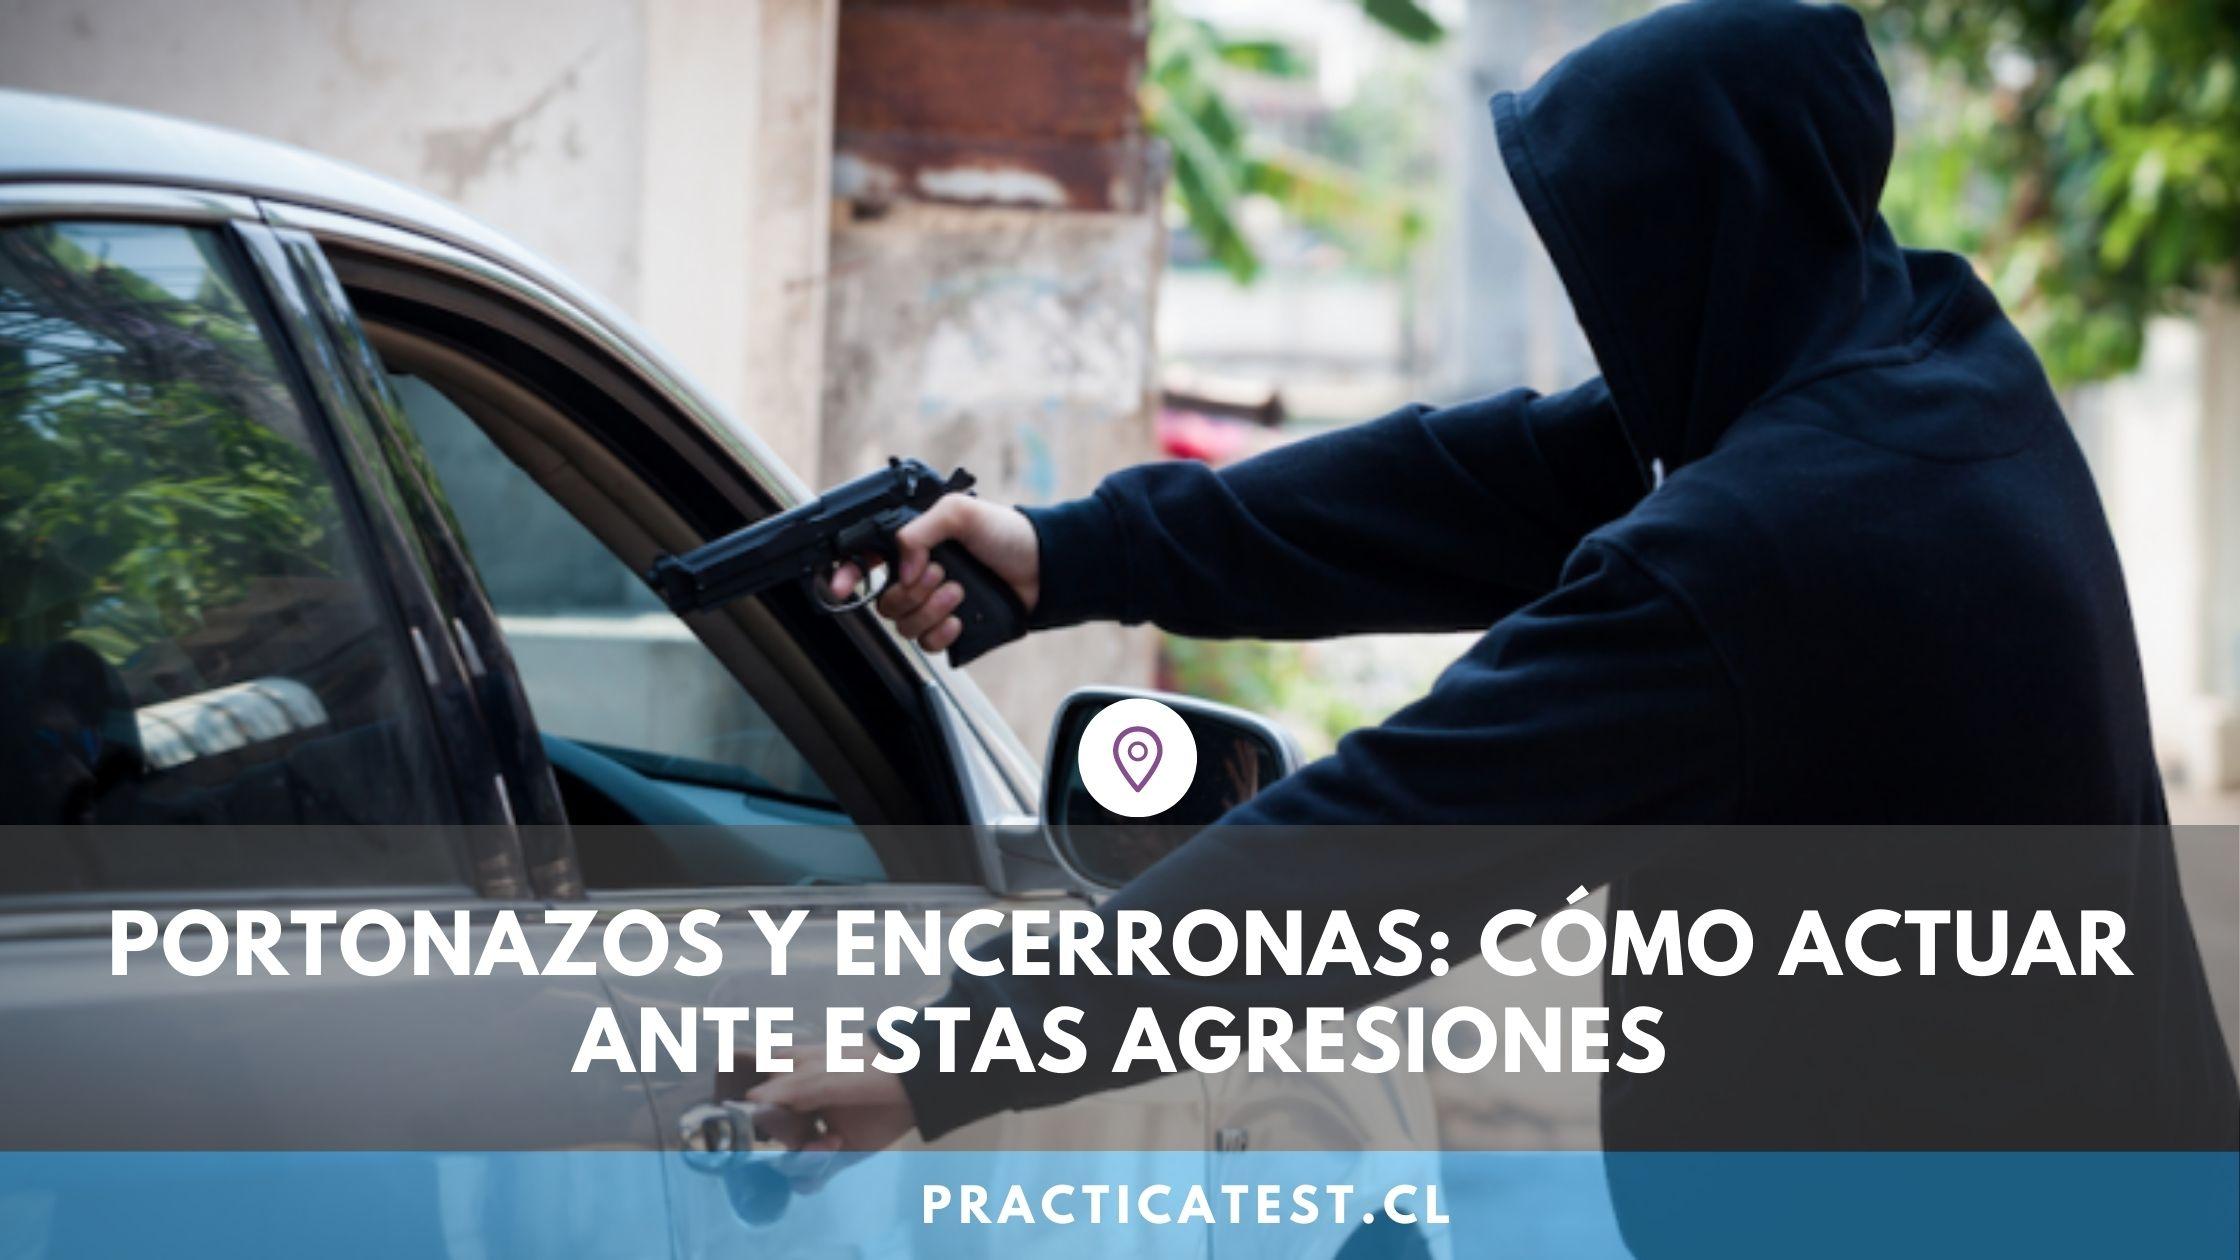 Cómo actúan los ladrones en caso de encerrona o portonazo y cómo podemos prevenir